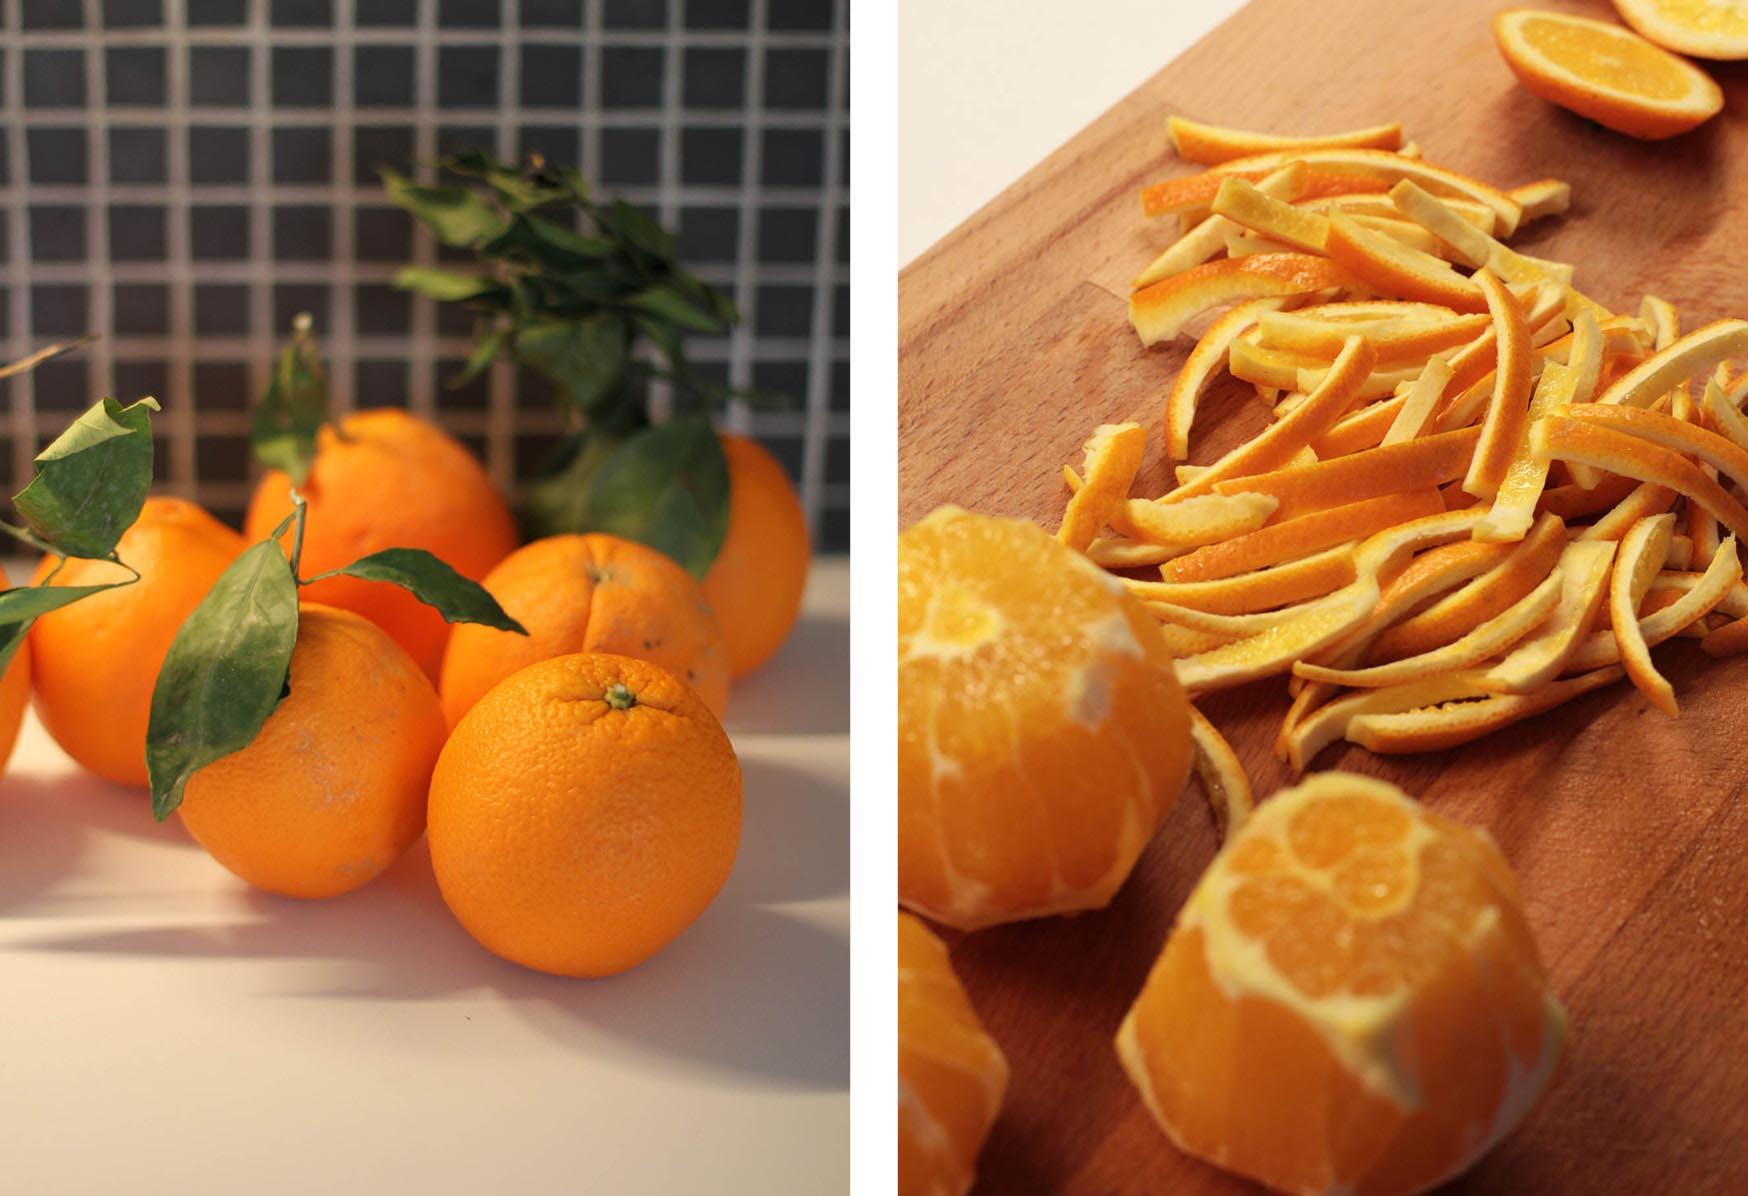 Les orangettes (orange confite enrobée de chocolat)   www.theflyingflour.com